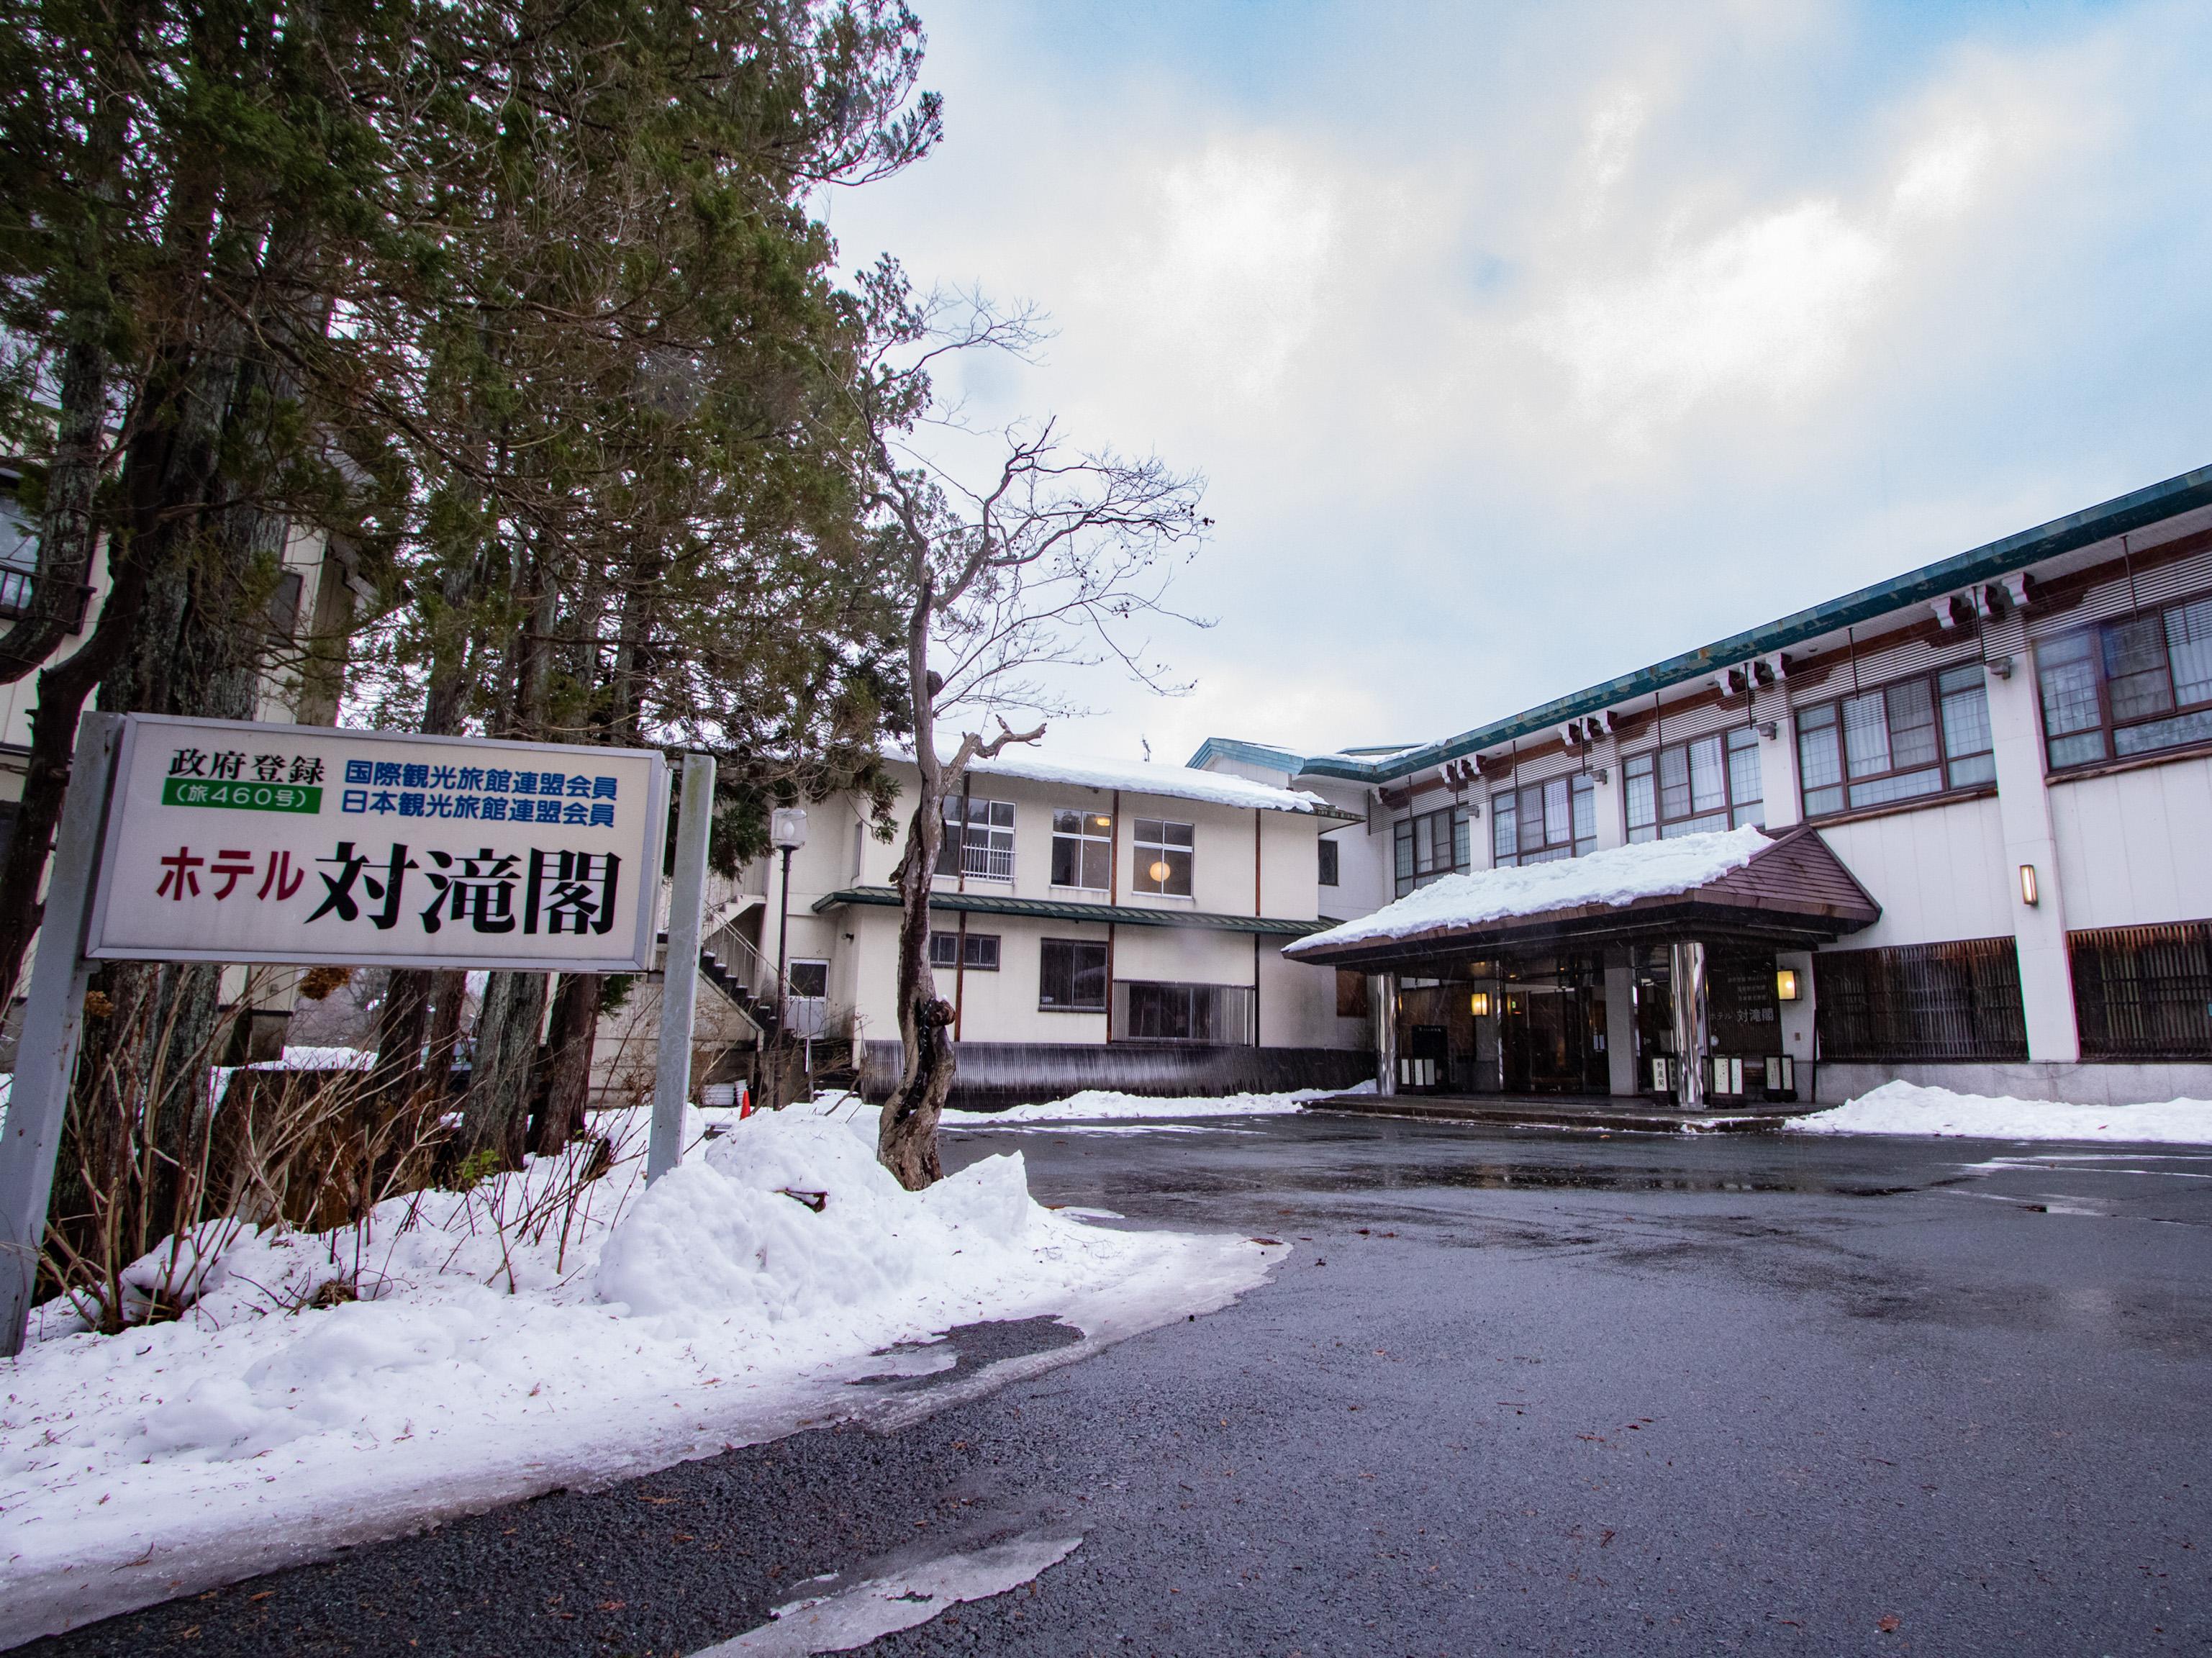 湯田温泉峡 湯本温泉 ホテル対滝閣(たいりゅうかく)...